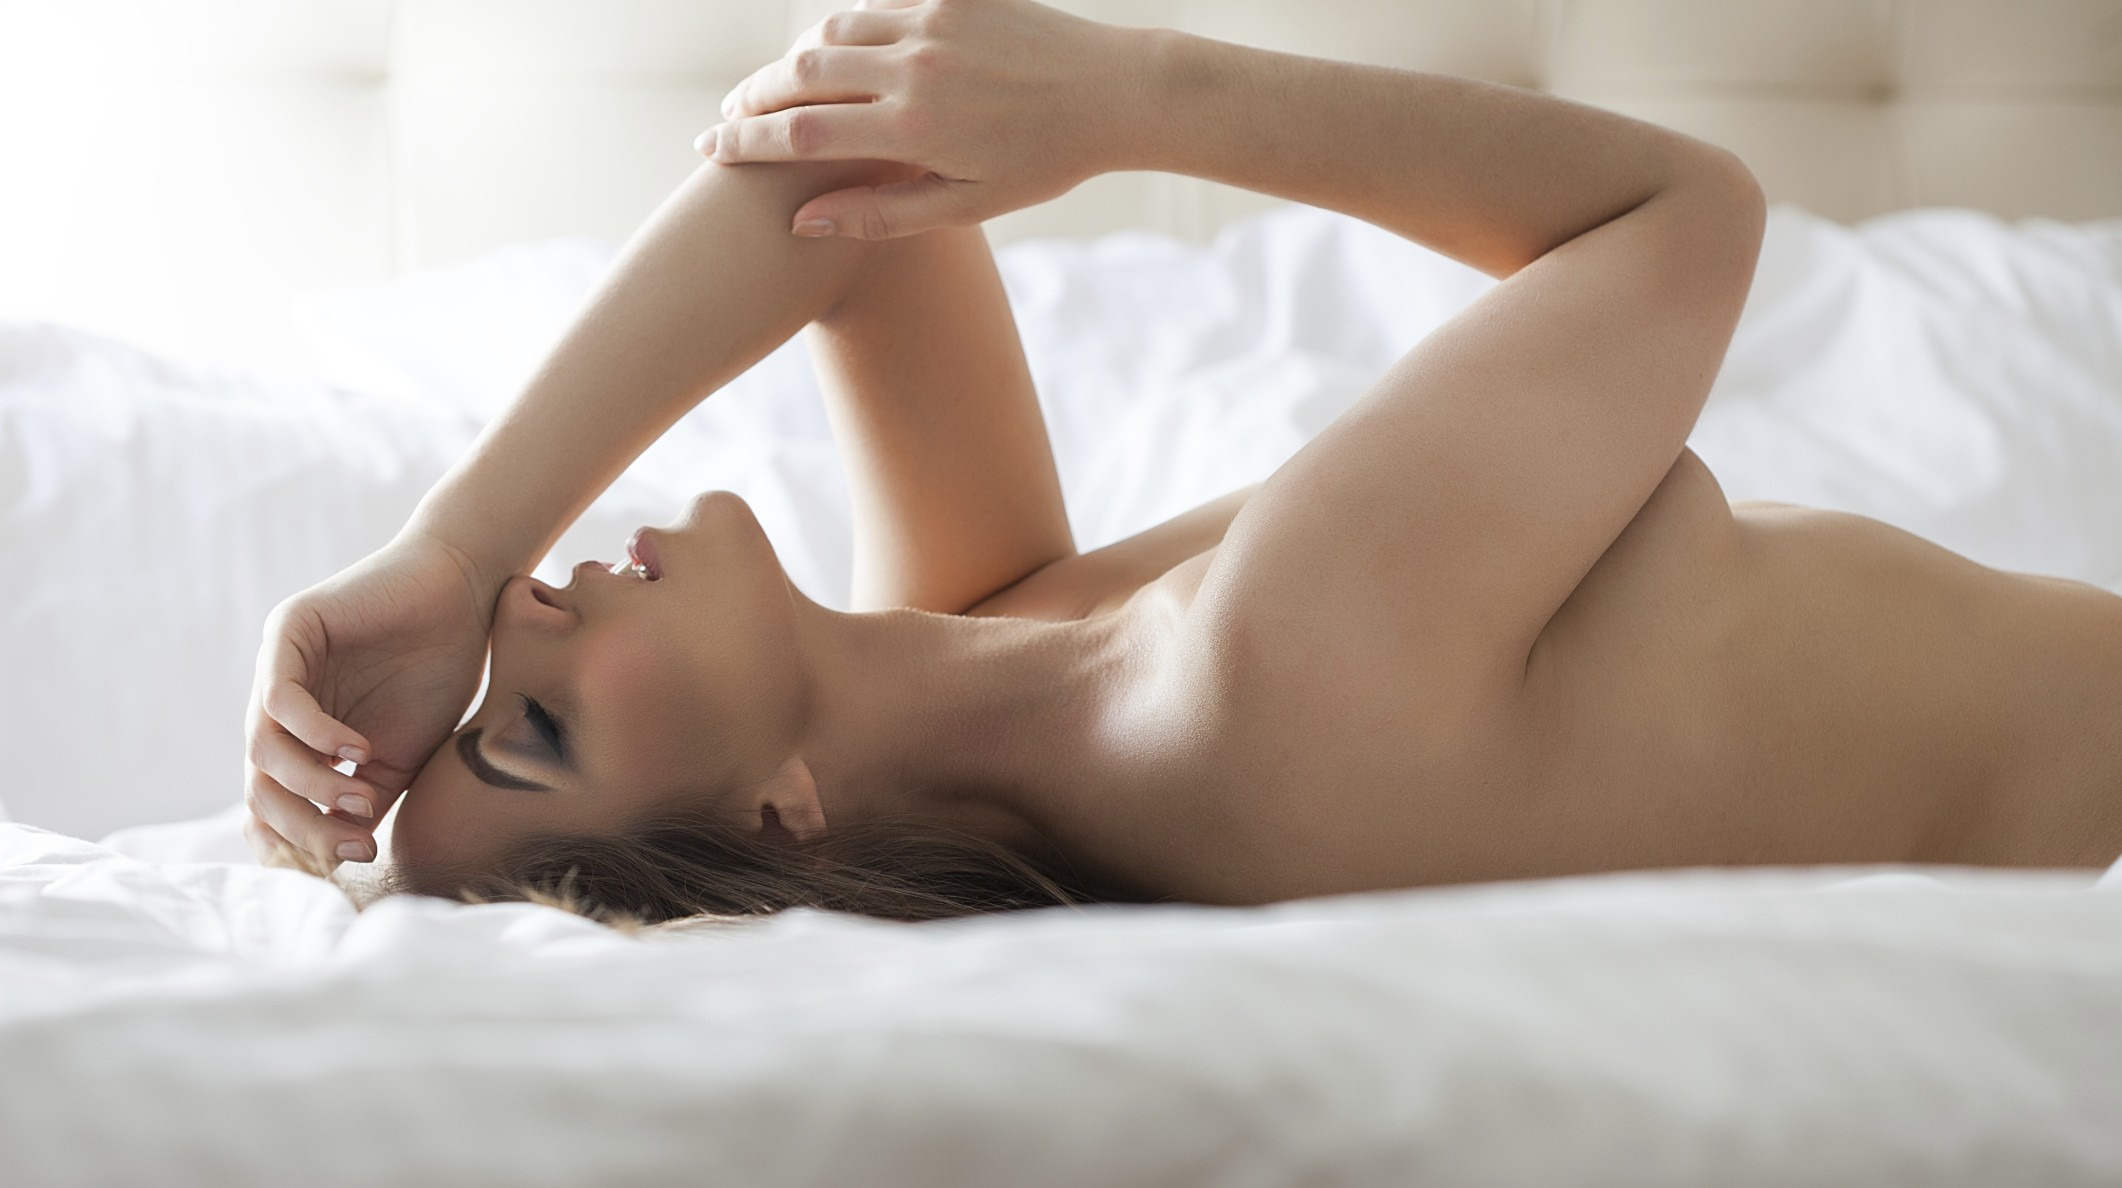 fogott maszturbál szex videók hatalmas pénisz szoros punci